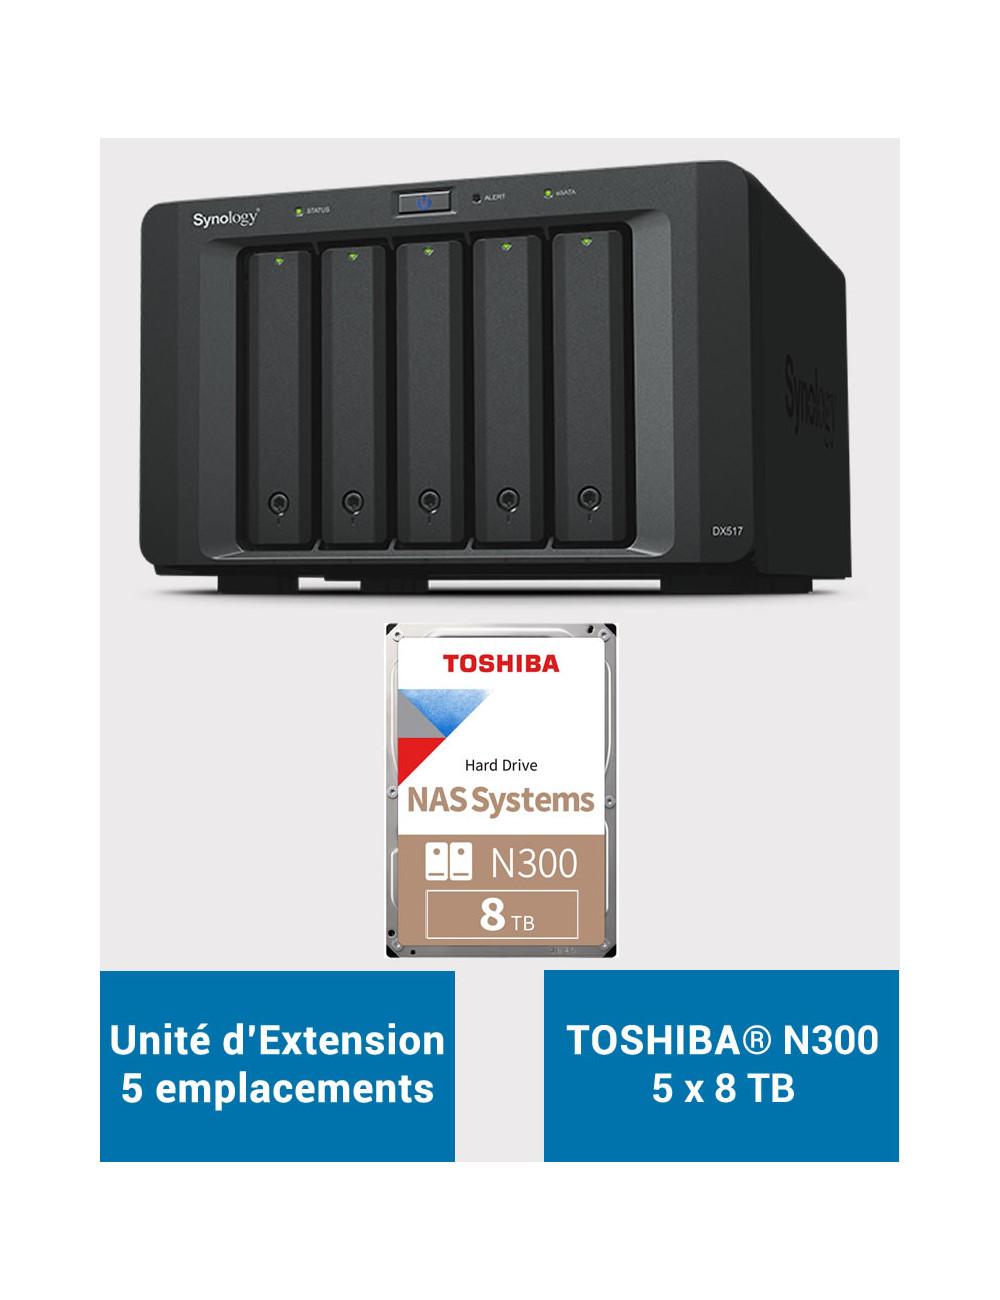 Synology DS718+ Serveur NAS (Sans Disques)